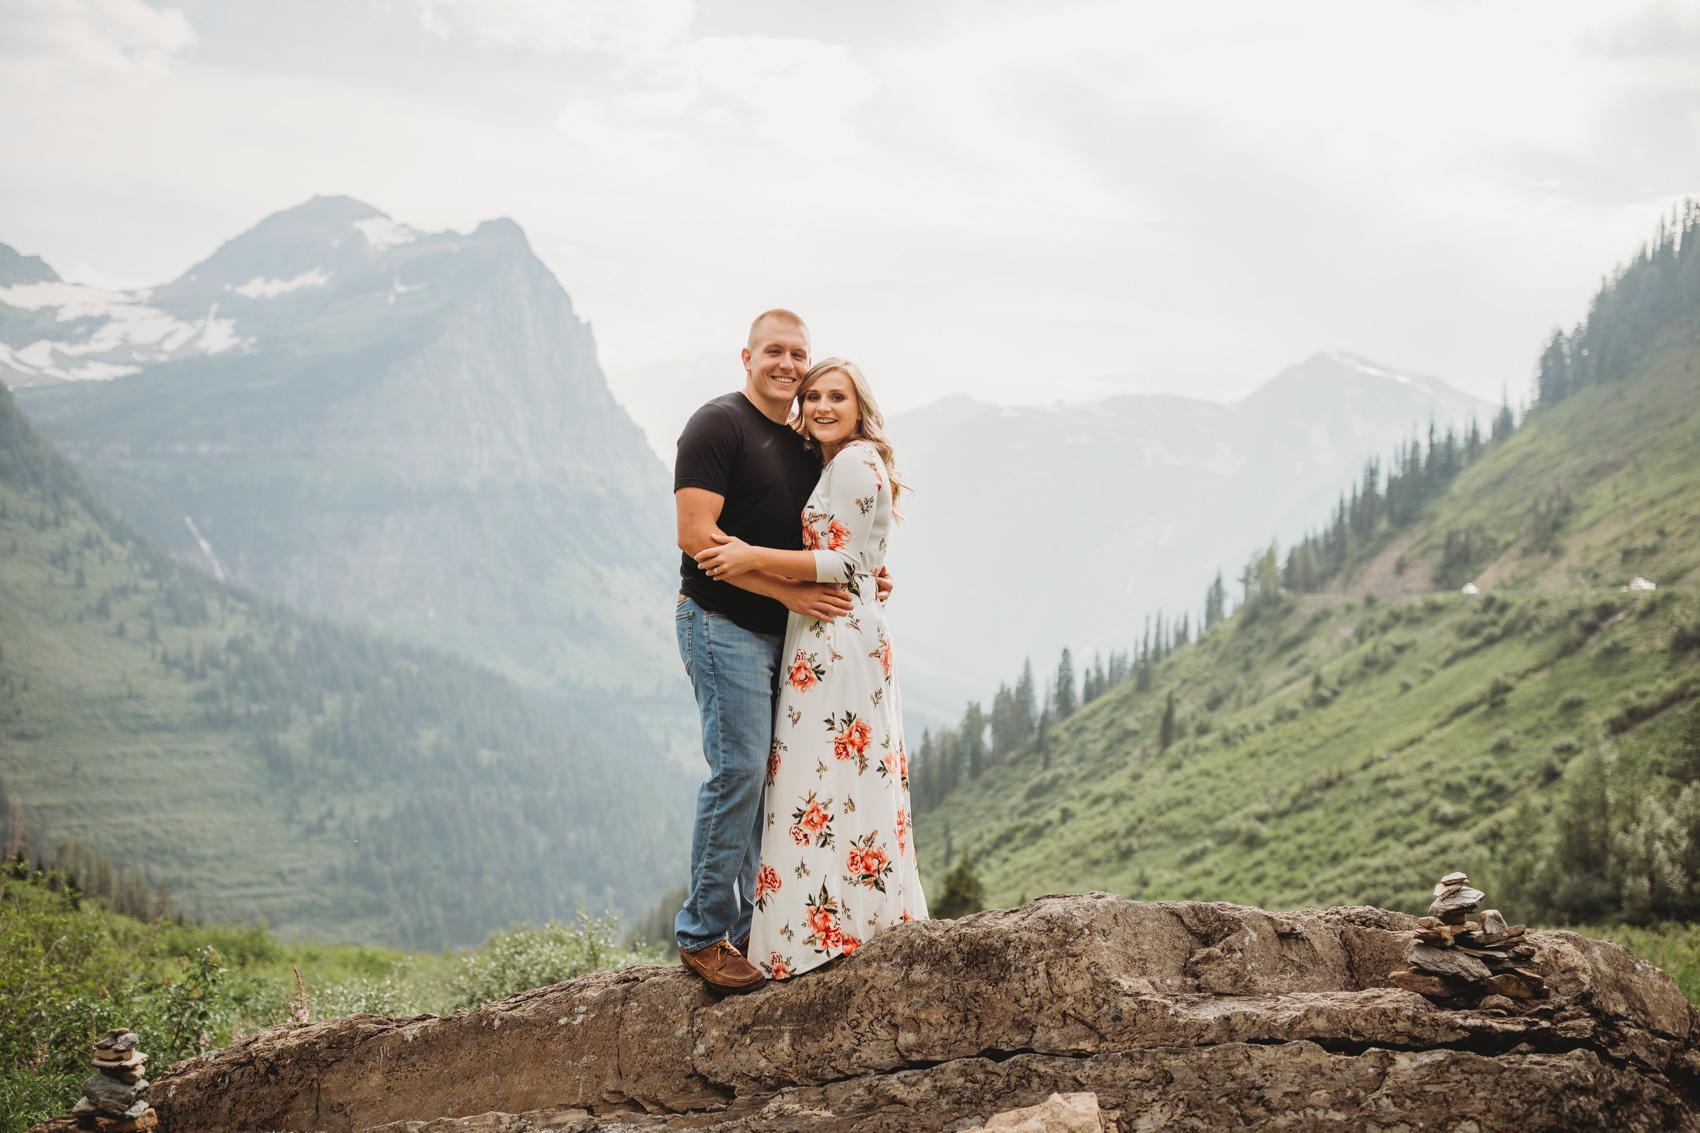 marah-doug-great-falls-montana-engagement-photographer-1.jpg